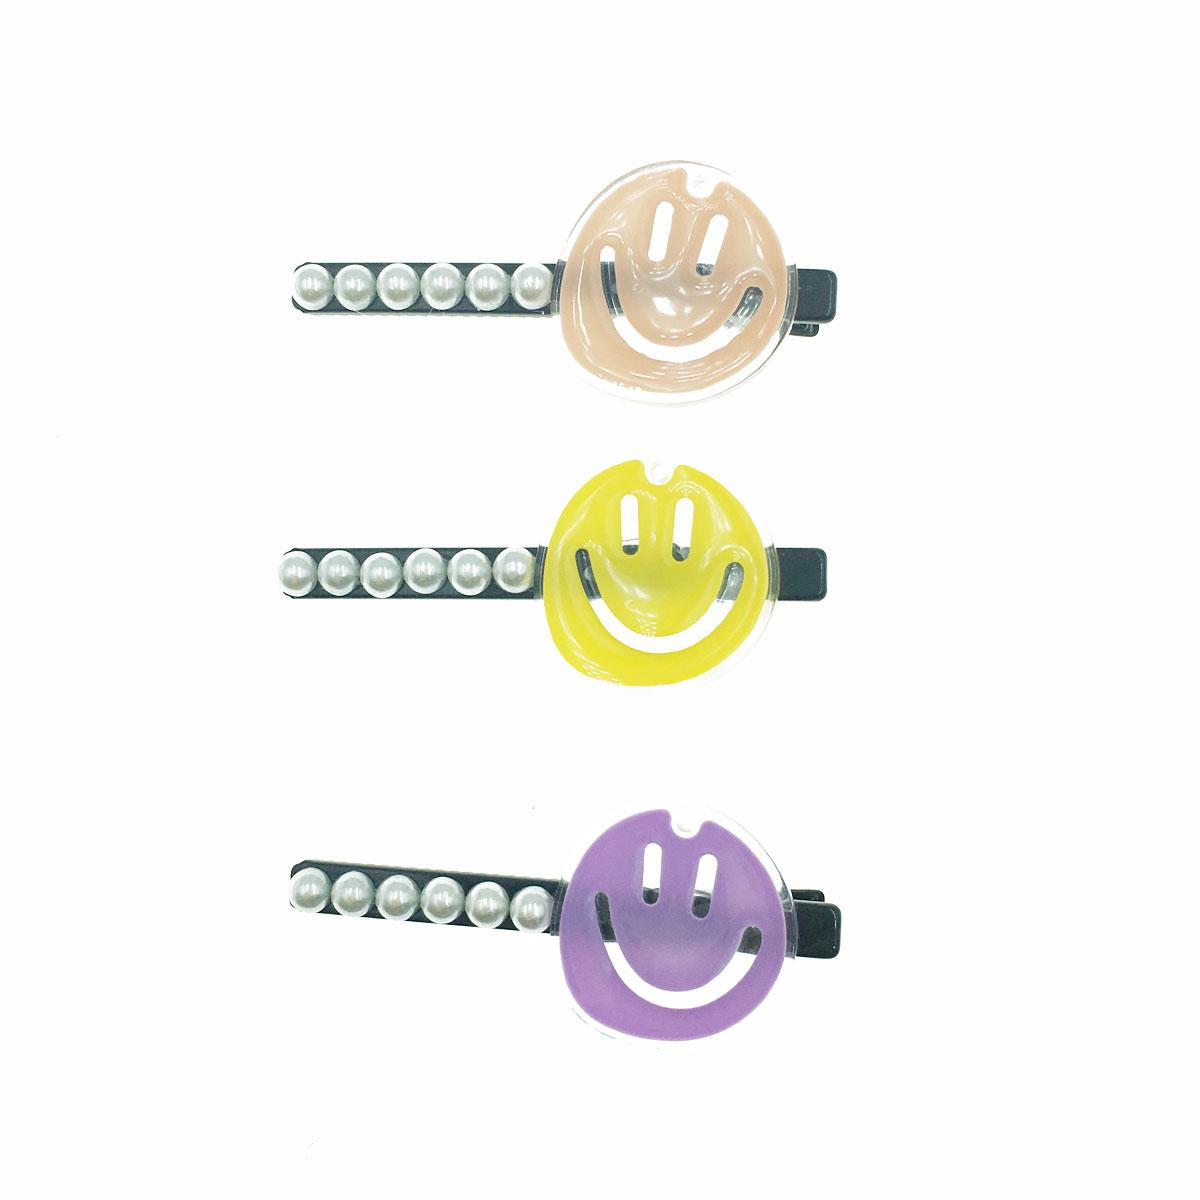 韓國 珍珠 微笑 透明 三色 壓夾 髮夾 髮飾